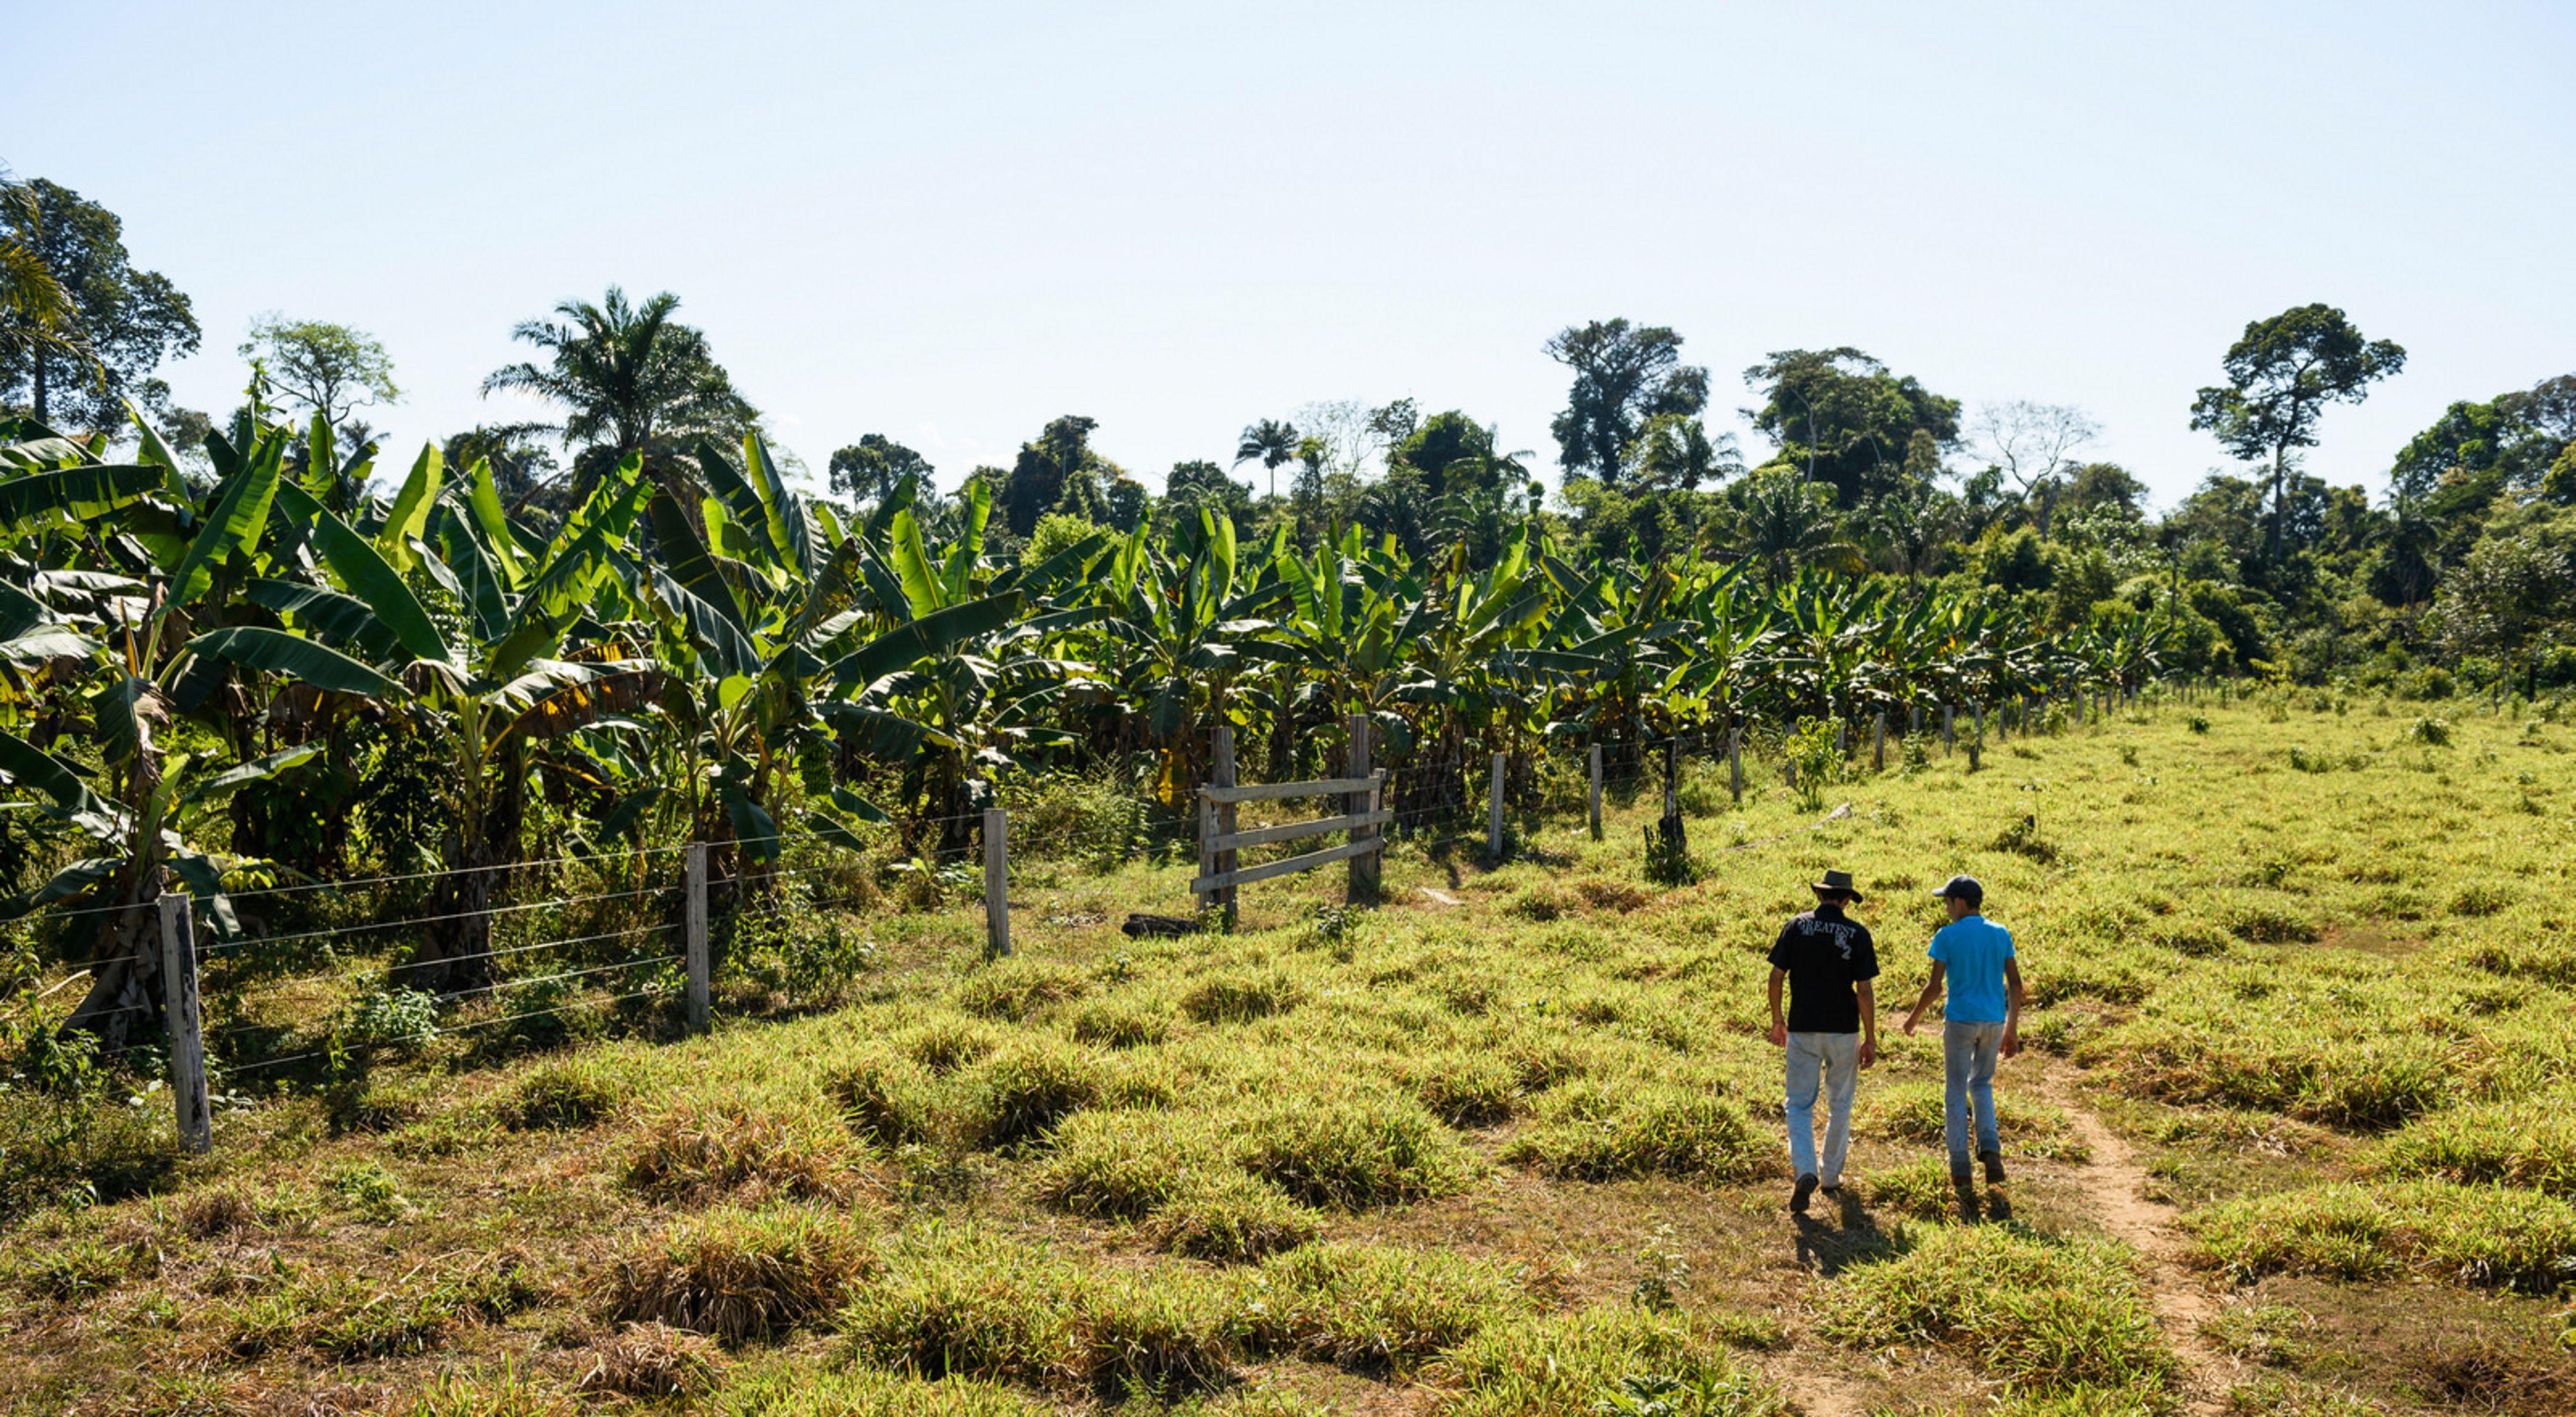 Dos personas caminan por un campo hacia un parche de árboles en una granja en Brasil